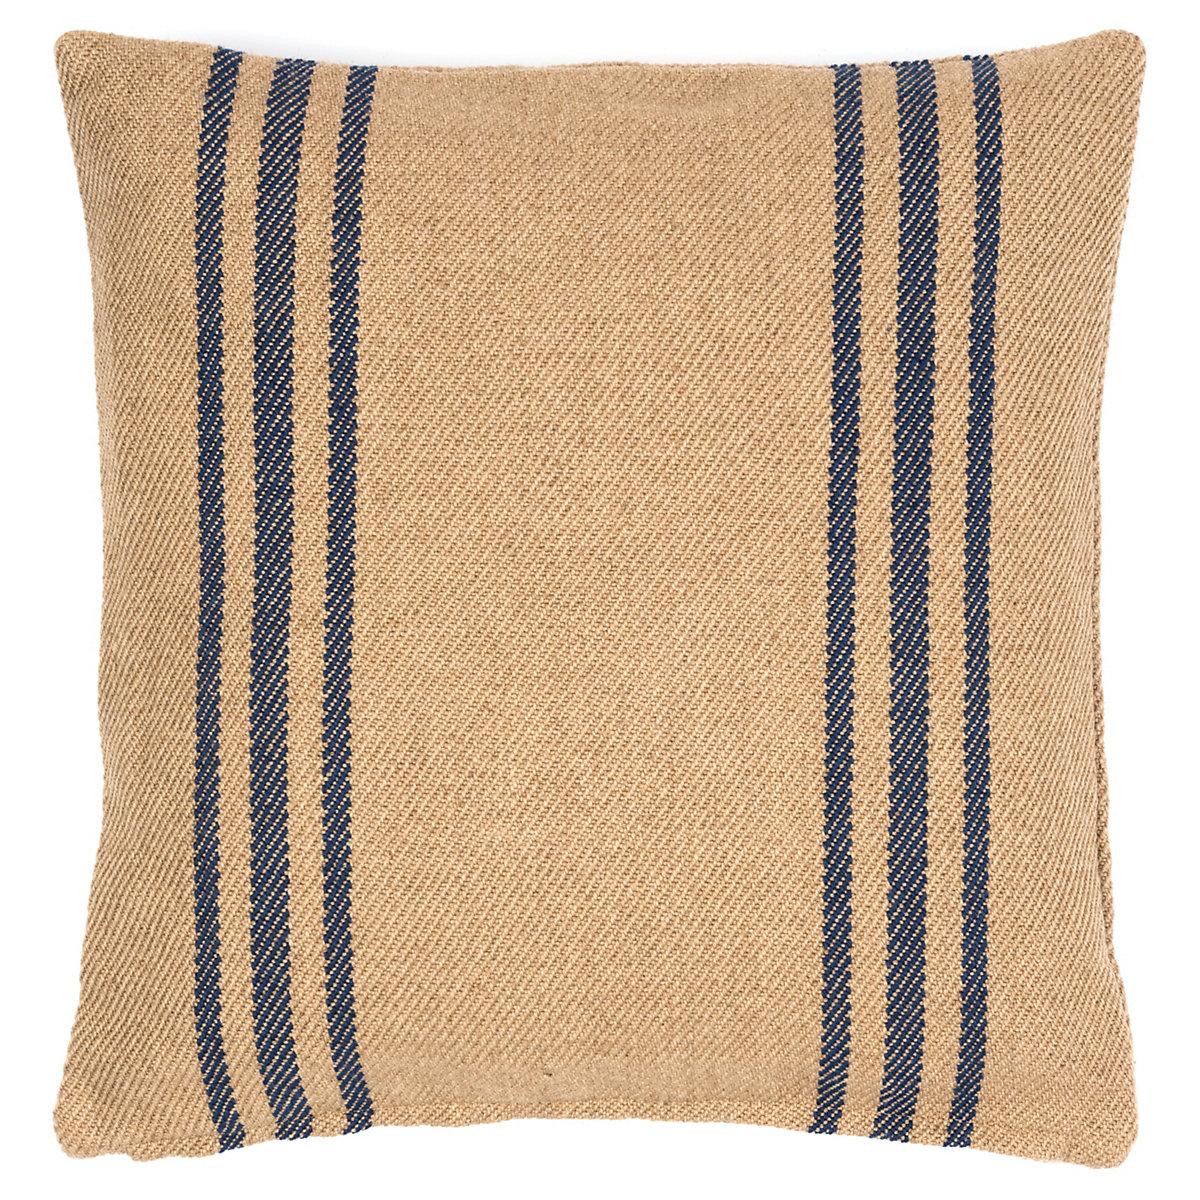 Lexington Navy/Camel Indoor/Outdoor Pillow | Fresh American